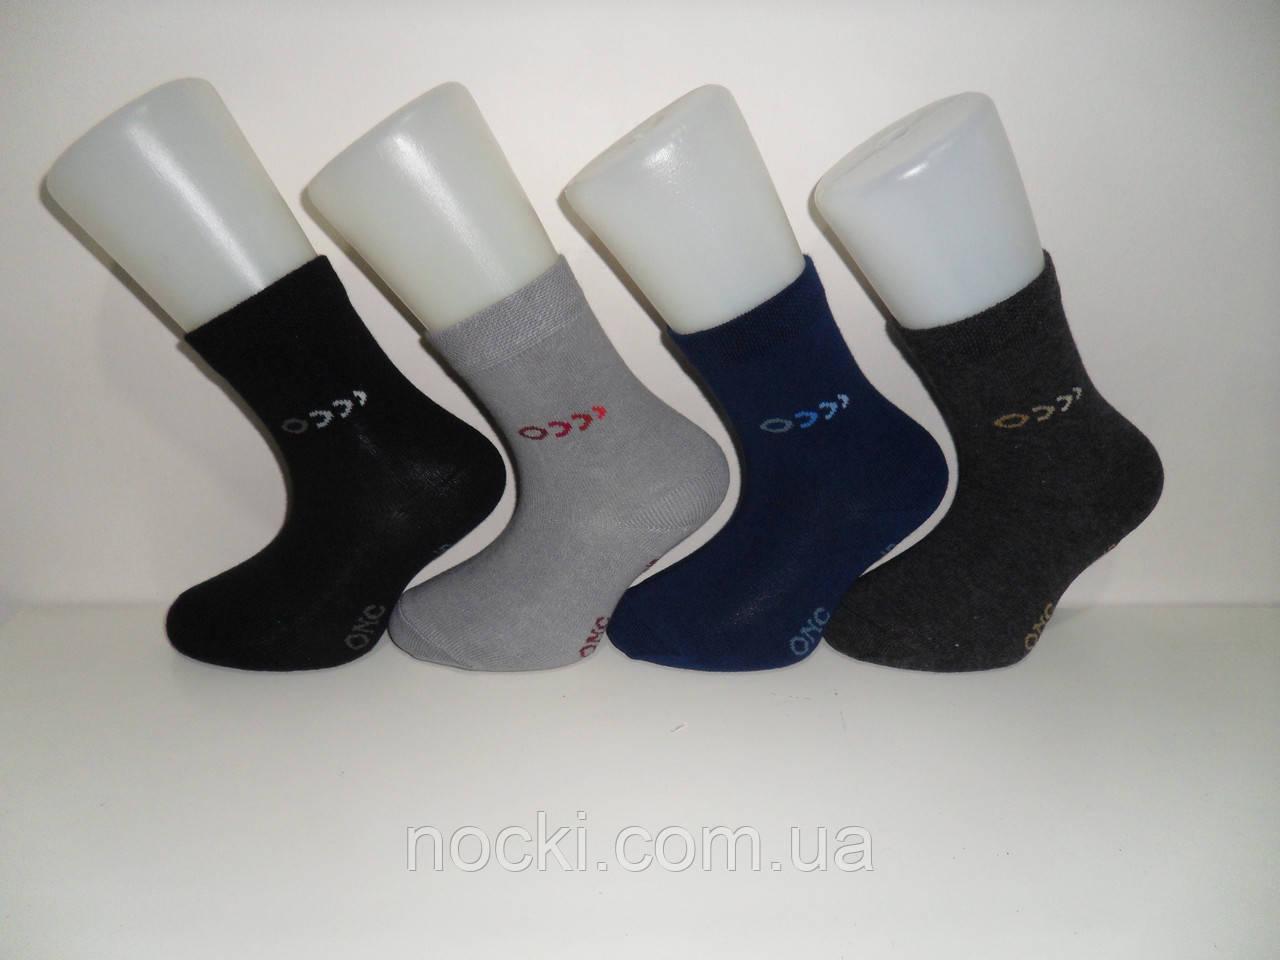 Дитячі шкарпетки стрейчеві комп'ютерні Onurcan б/р 7 0203